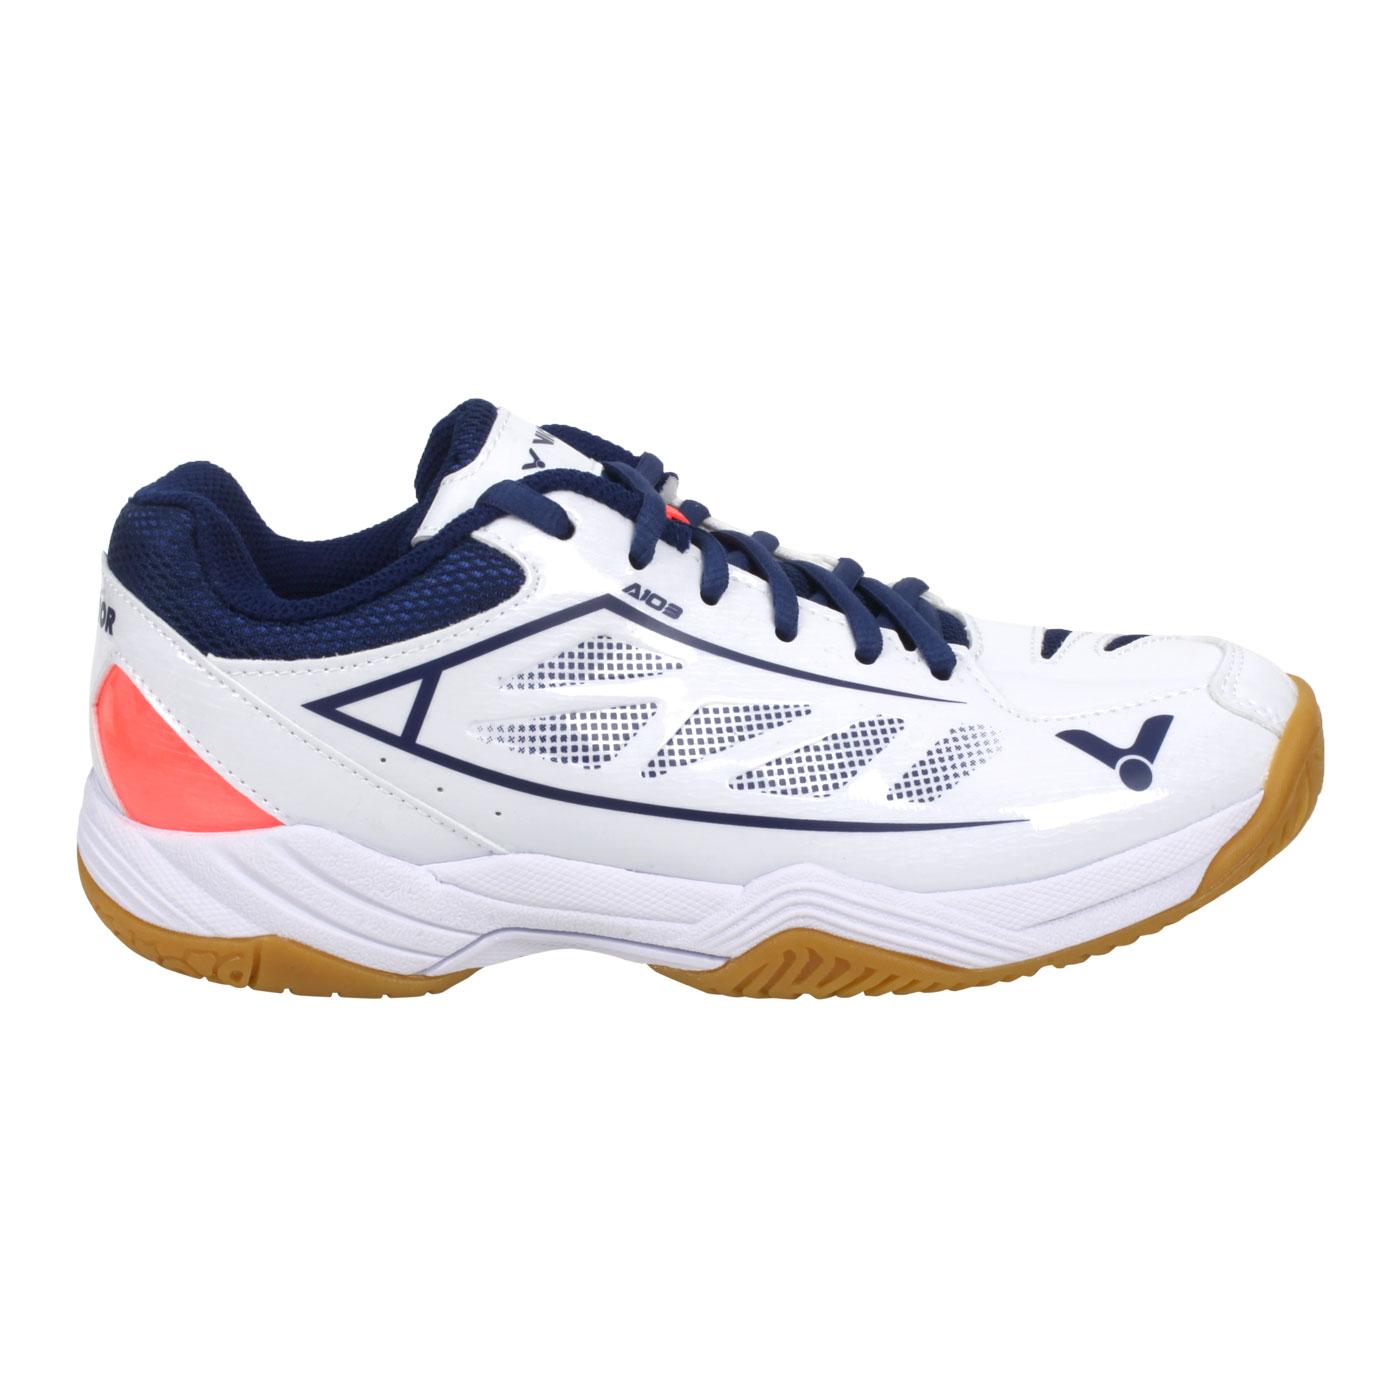 VICTOR 羽球鞋 A103-AB - 白藍亮橘